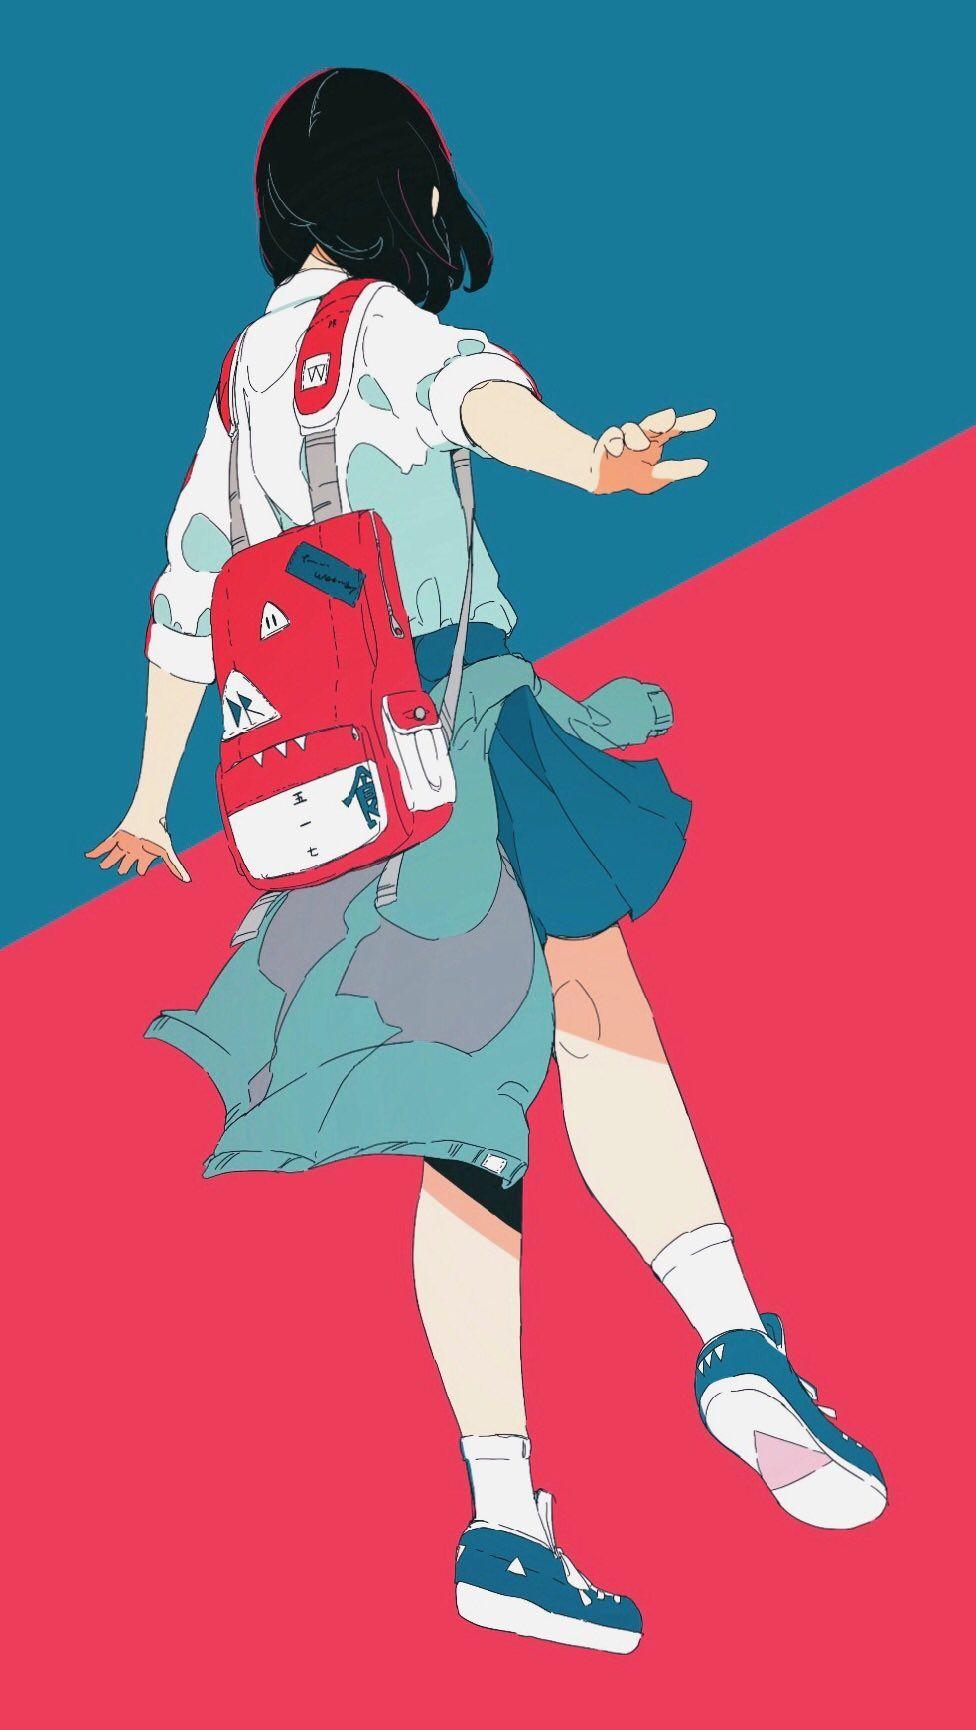 ダイスケリチャード At Daisukerichard Twitter Black Hair Anime In